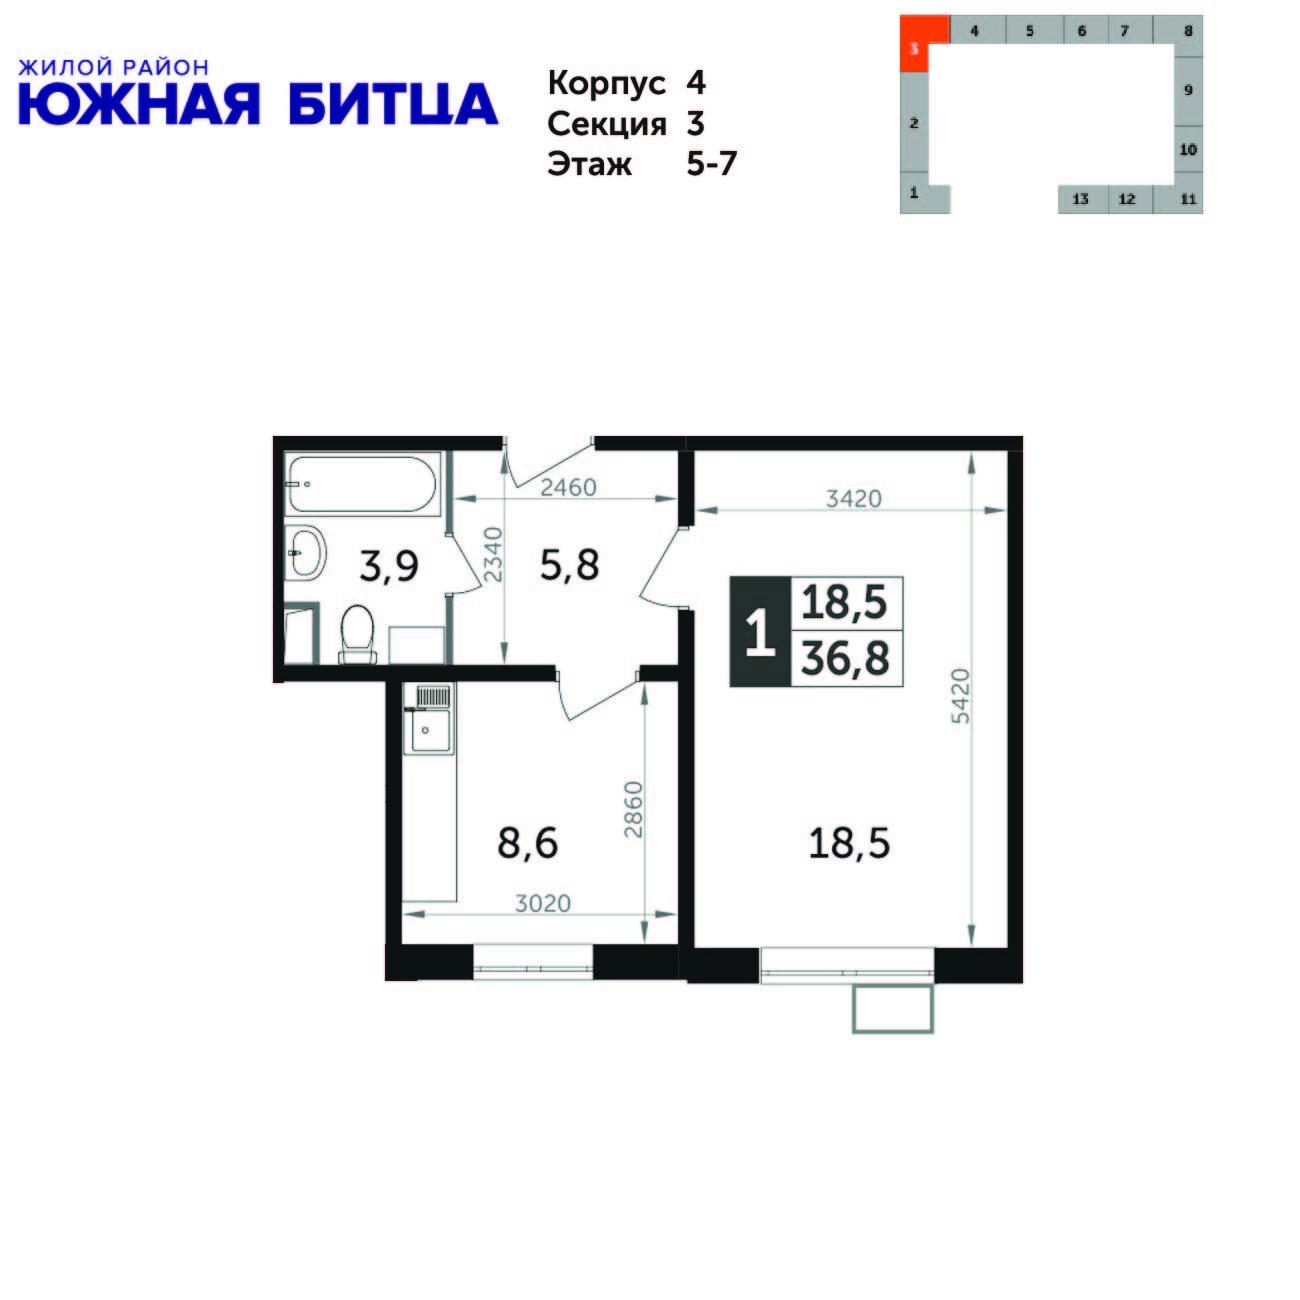 1-комнатная квартира, 36.8м² за 5,7 млн руб.